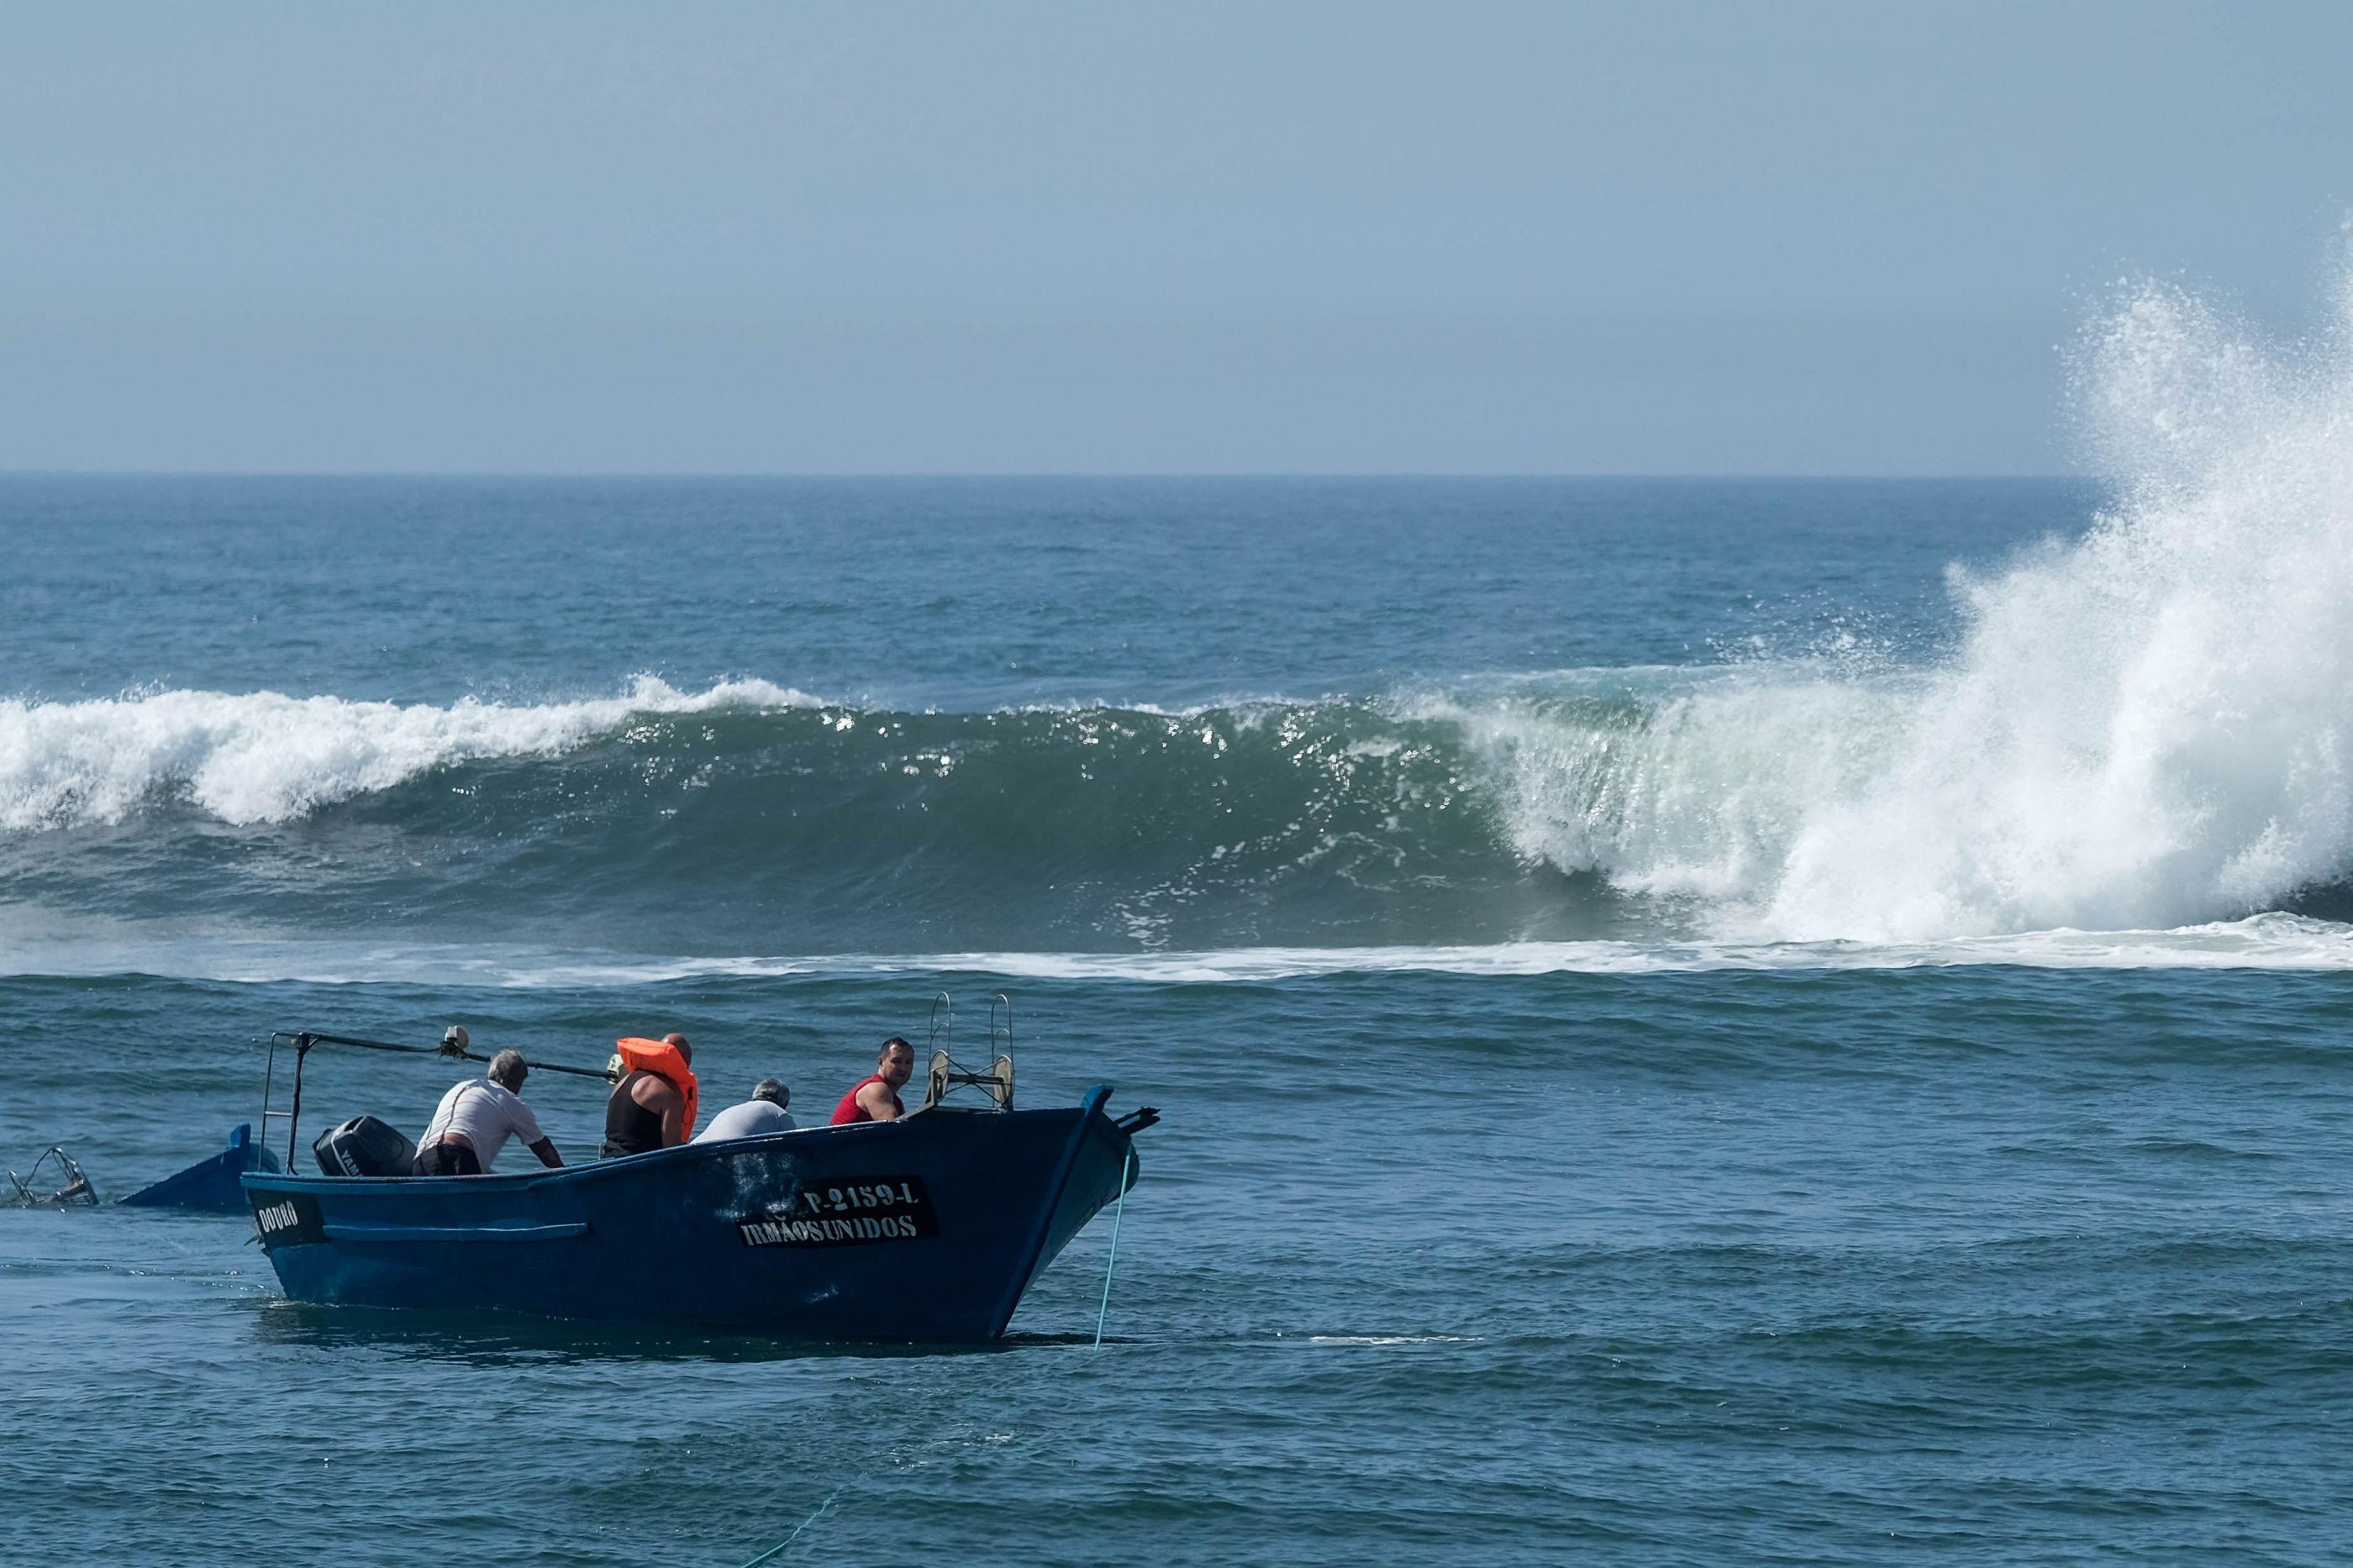 Naufrágio: Onda apanhou pescadores desprevenidos e virou embarcação